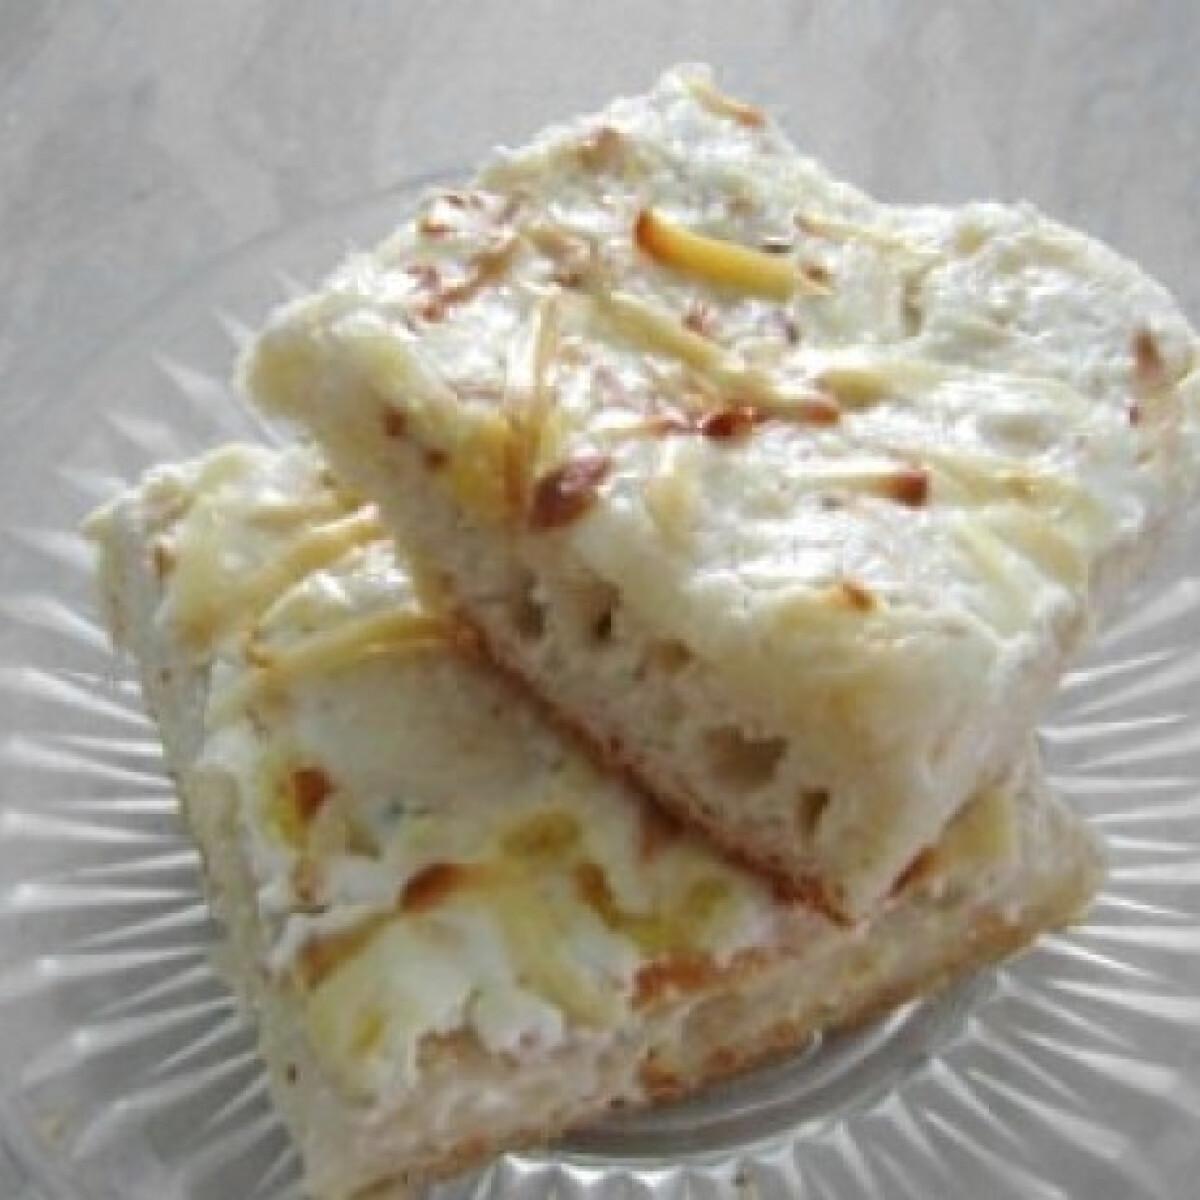 Tejfölös-sajtos lepény - Töki pompos